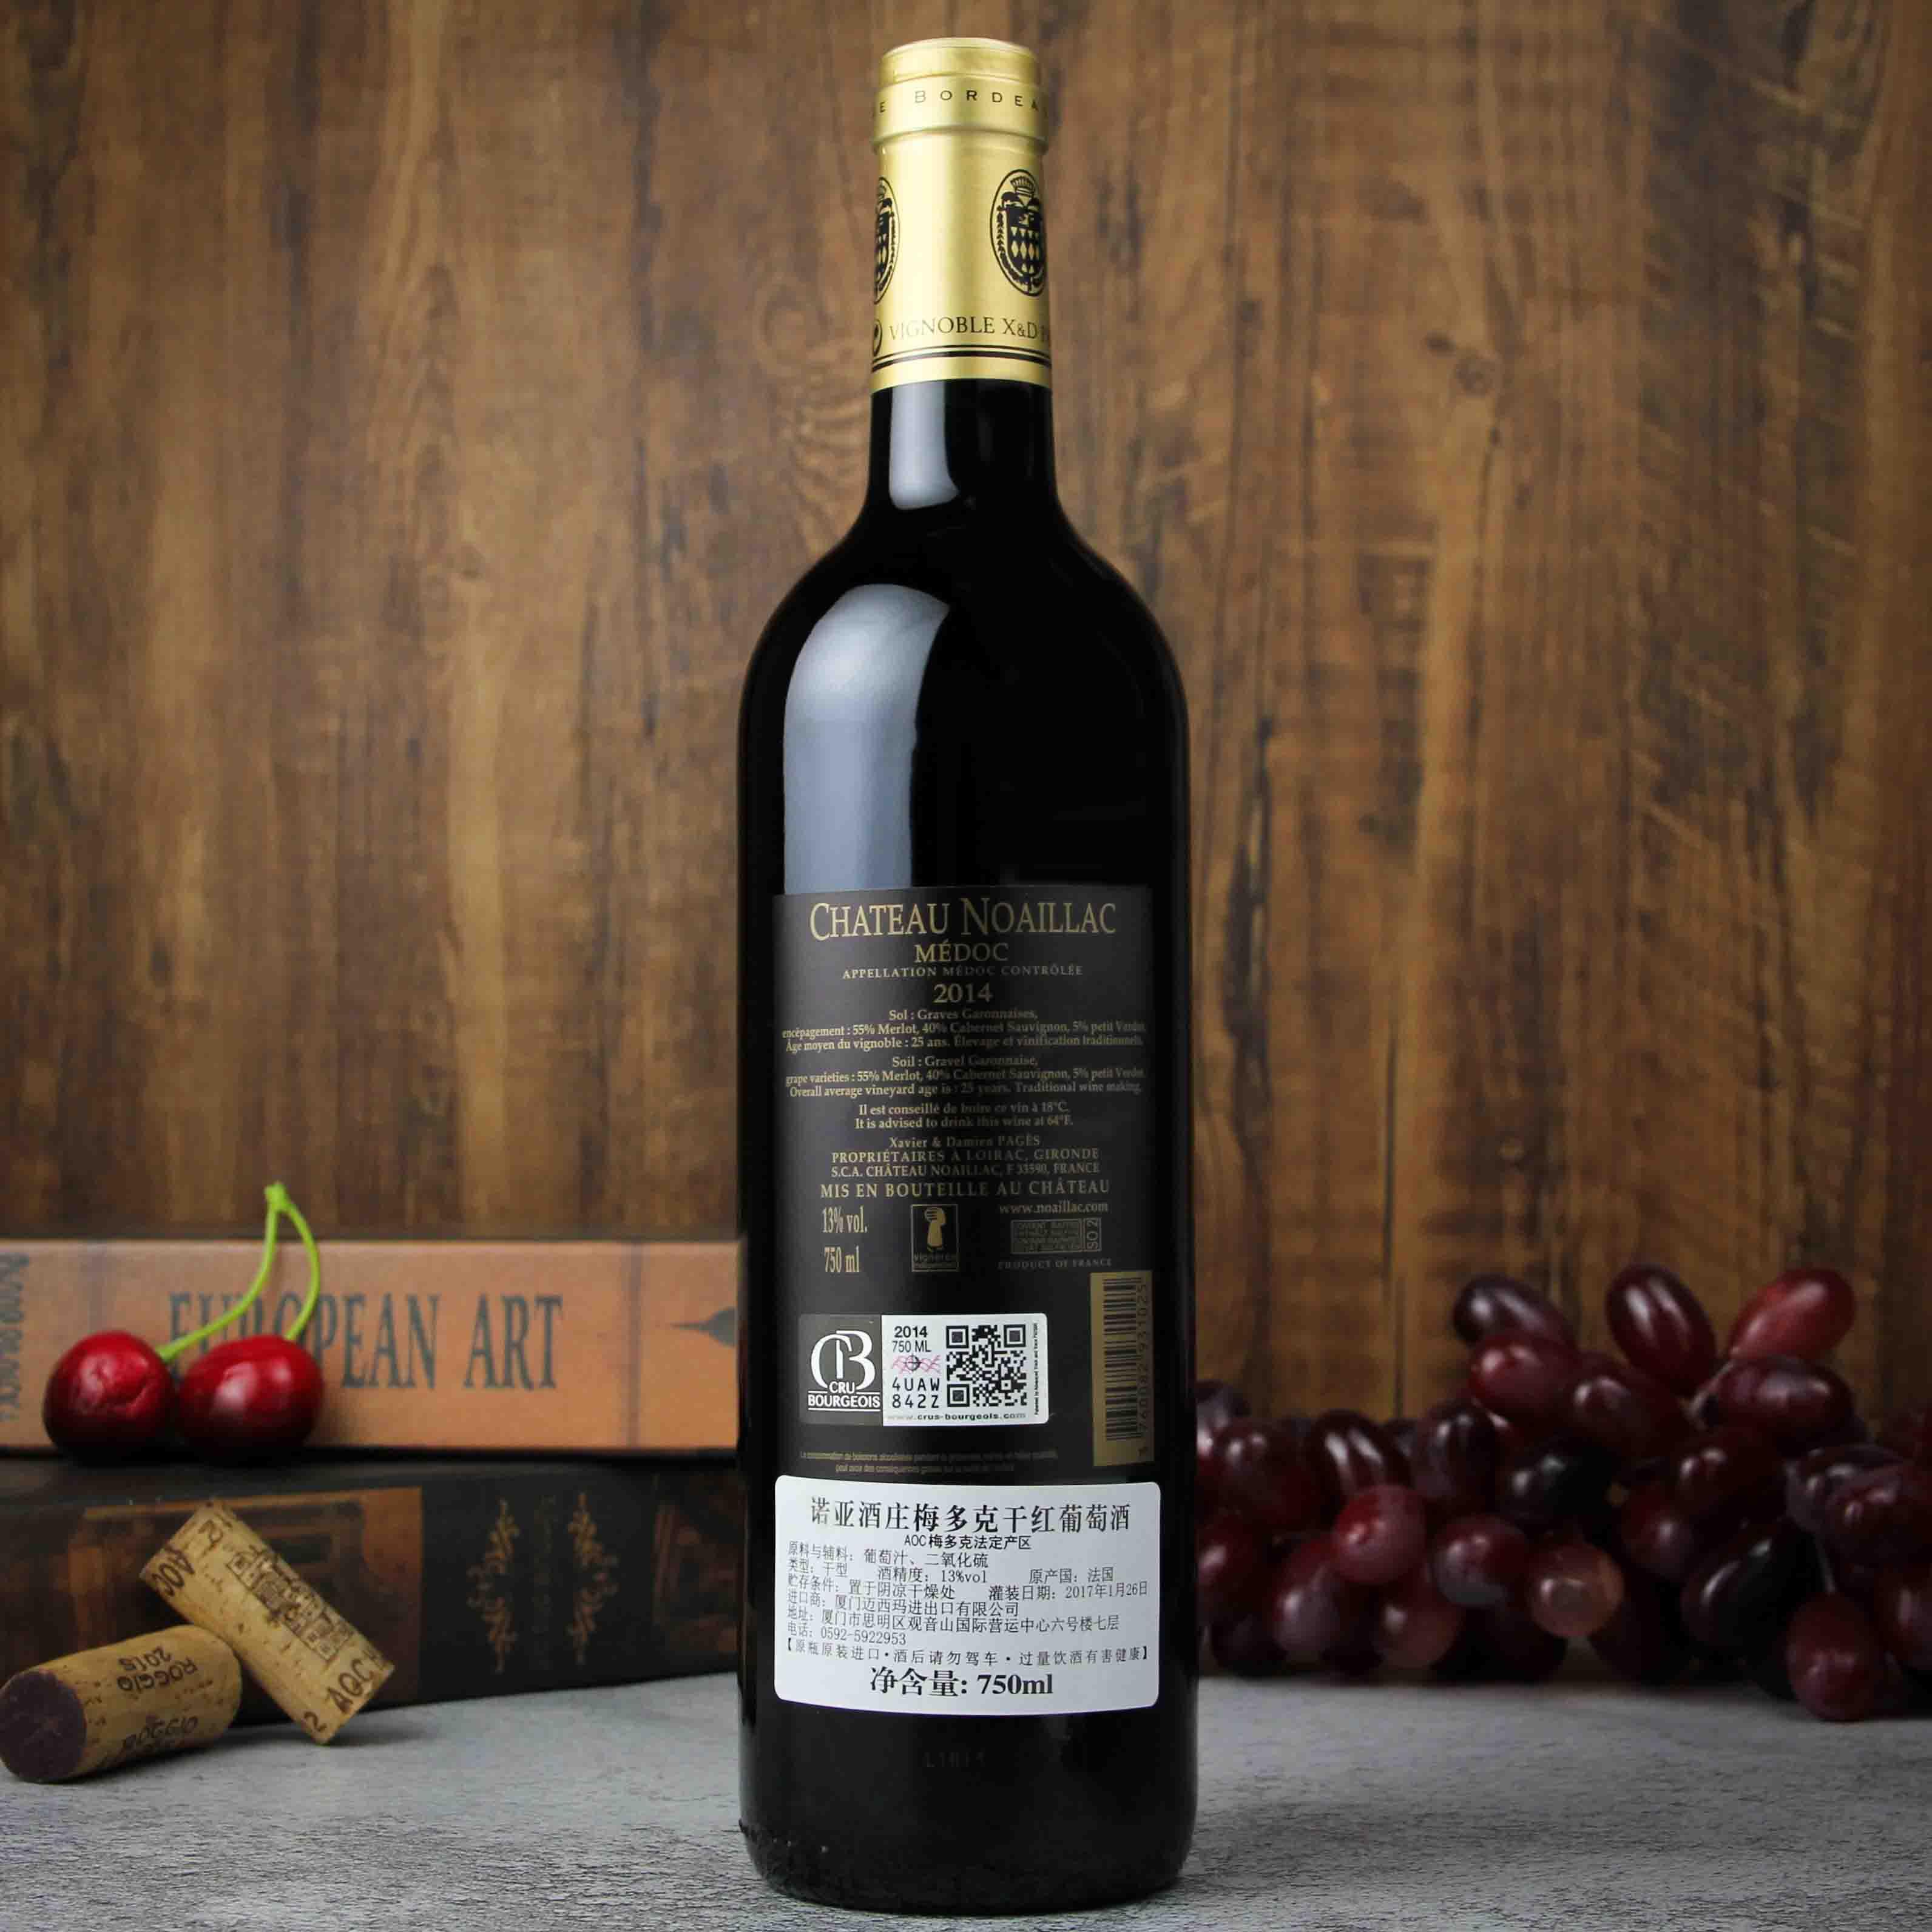 法国波尔多诺亚酒庄梅多克AOC干红葡萄酒红酒